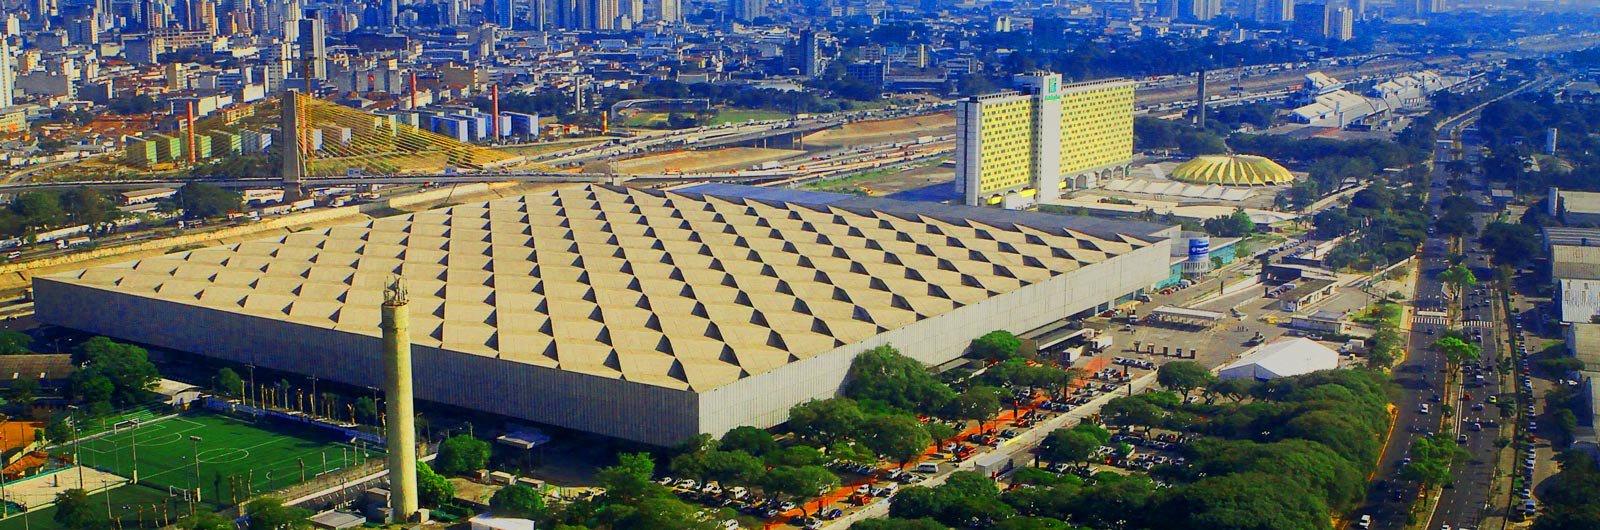 Vereadores de São Paulo aprovaram o projeto de lei que autoriza aprivatização do complexo do Anhembi, zona norte da cidade; o projeto de lei define os parâmetros para a intervenção urbana na região, e vai permitir que o área construída do empreendimento passe de 1 milhão para 1,7 milhão de metros quadrados, quatro vezes a área do terreno